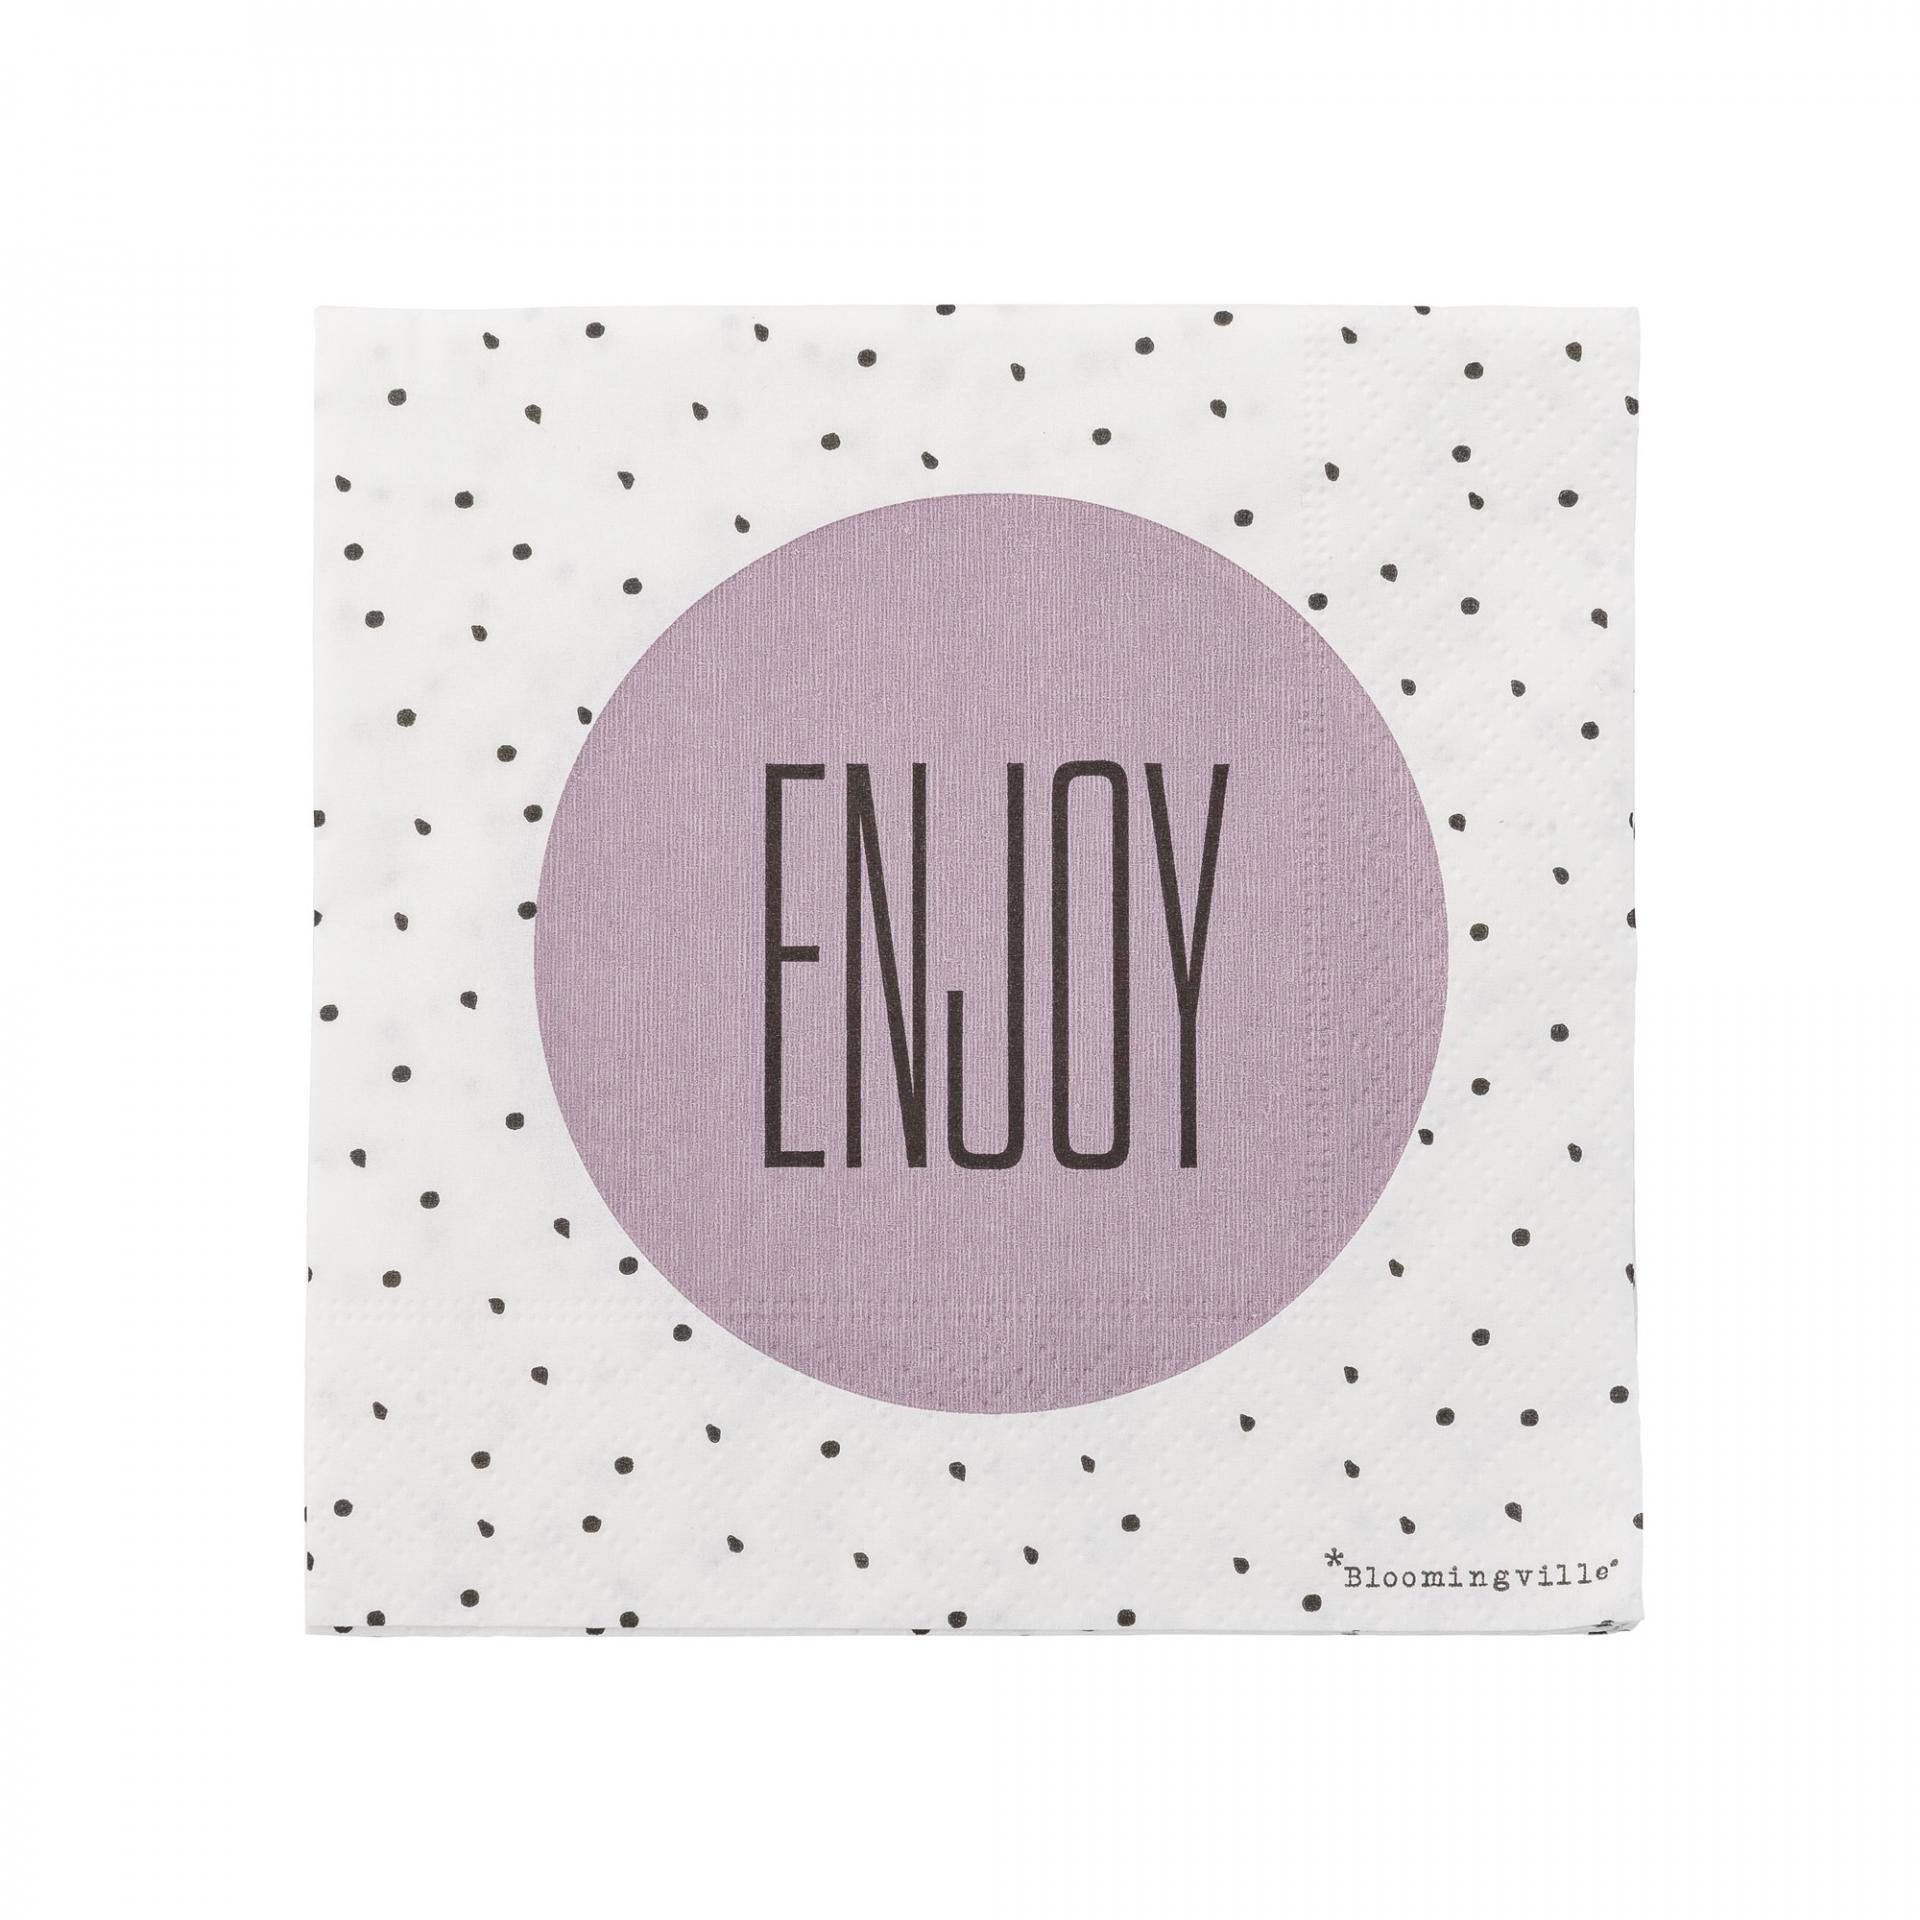 Bloomingville Papírové ubrousky Enjoy - 20 ks